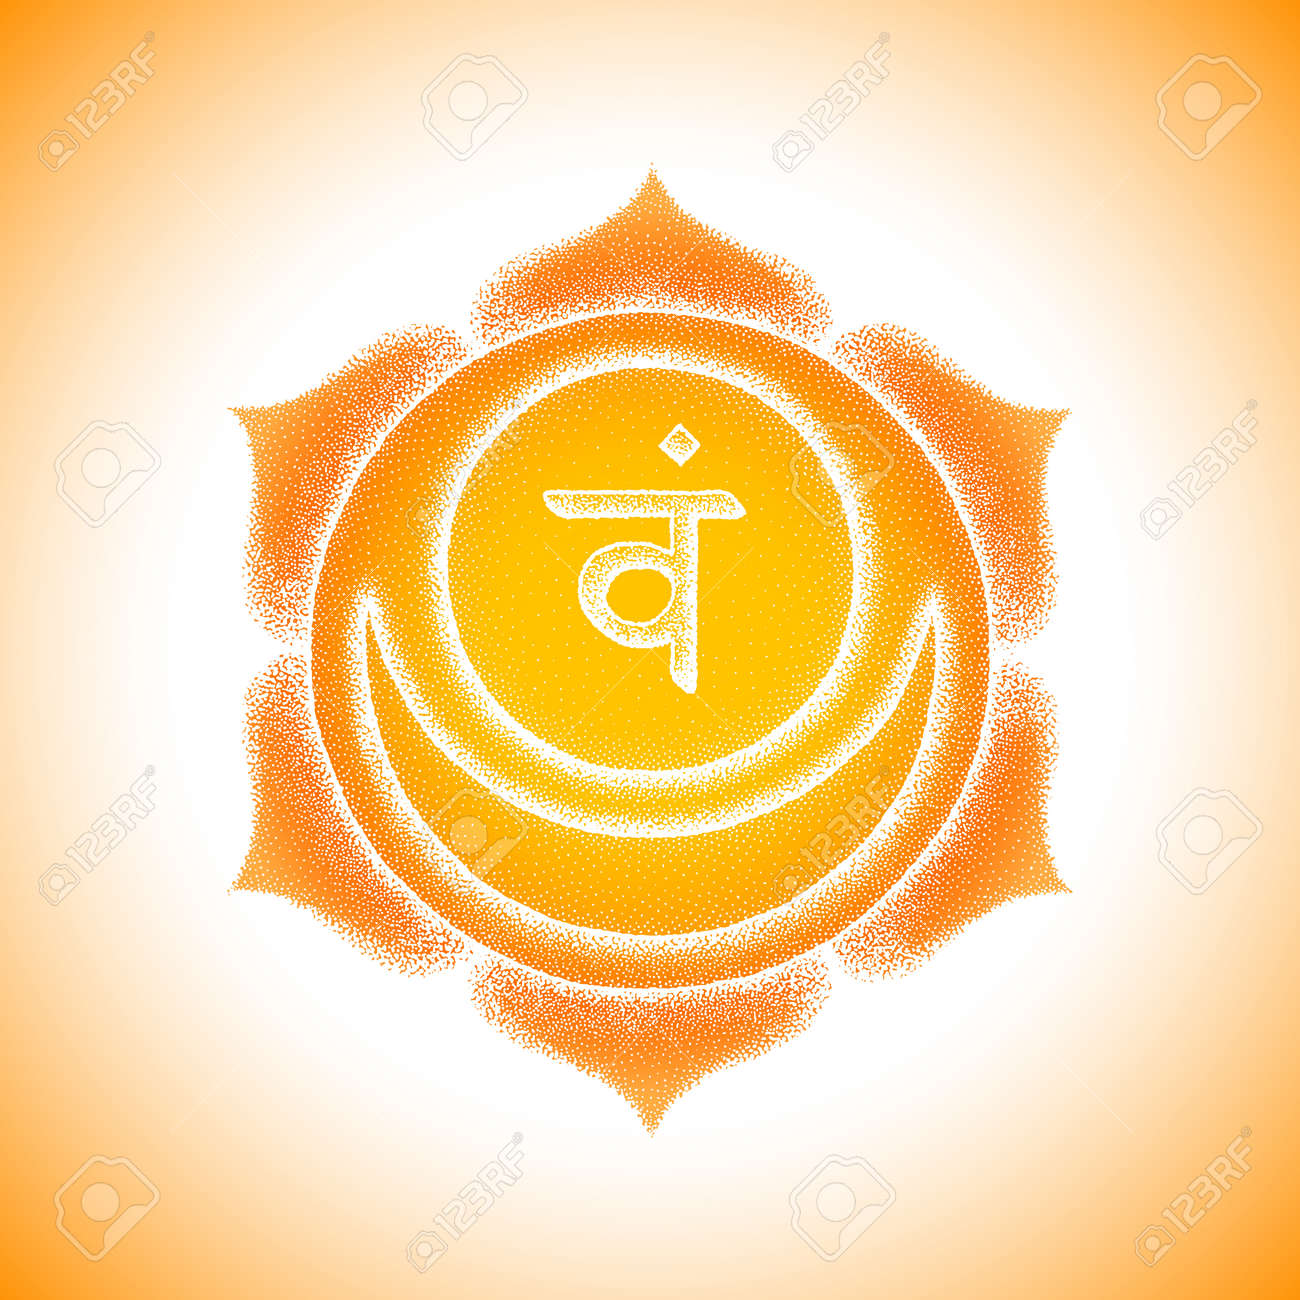 Second Svadhishthana sacral chakra sanskrit seed mantra Vam Hinduism